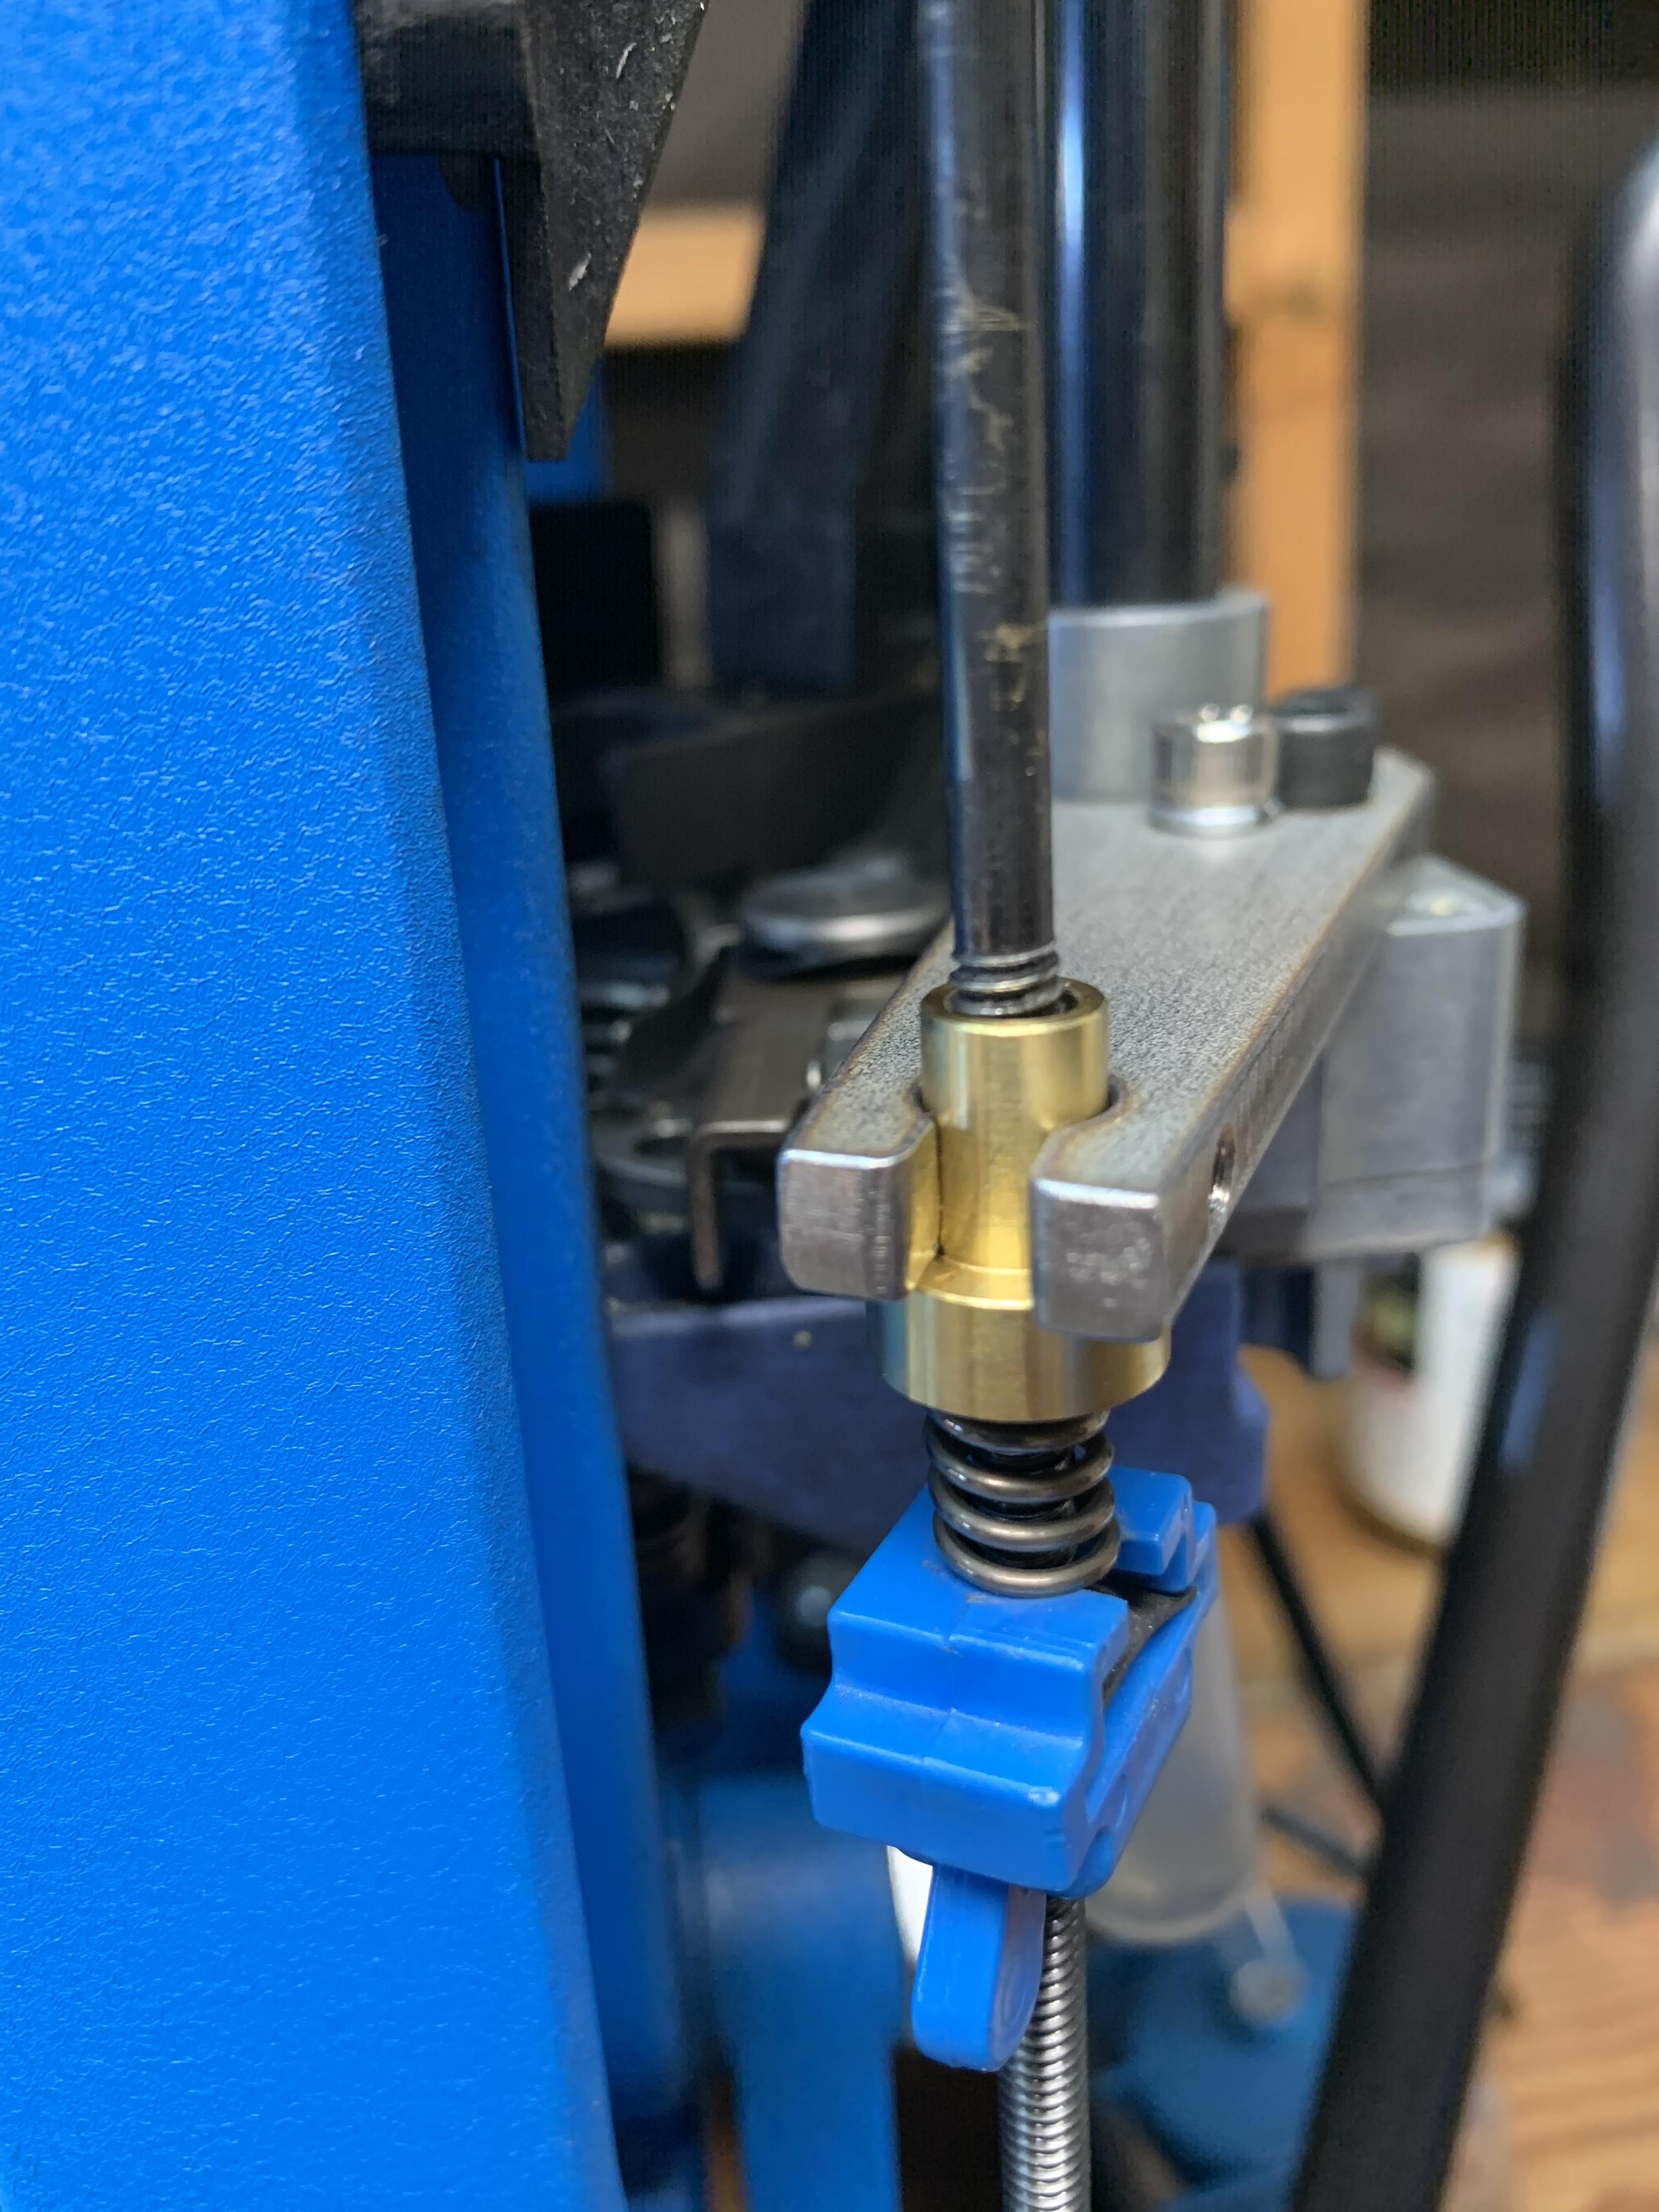 Photo Escape FailSafe Bracket for the Dillon 650 Review  40-A5-BB53-9417-4142-8-DEB-DE3-EA3554-E5-A